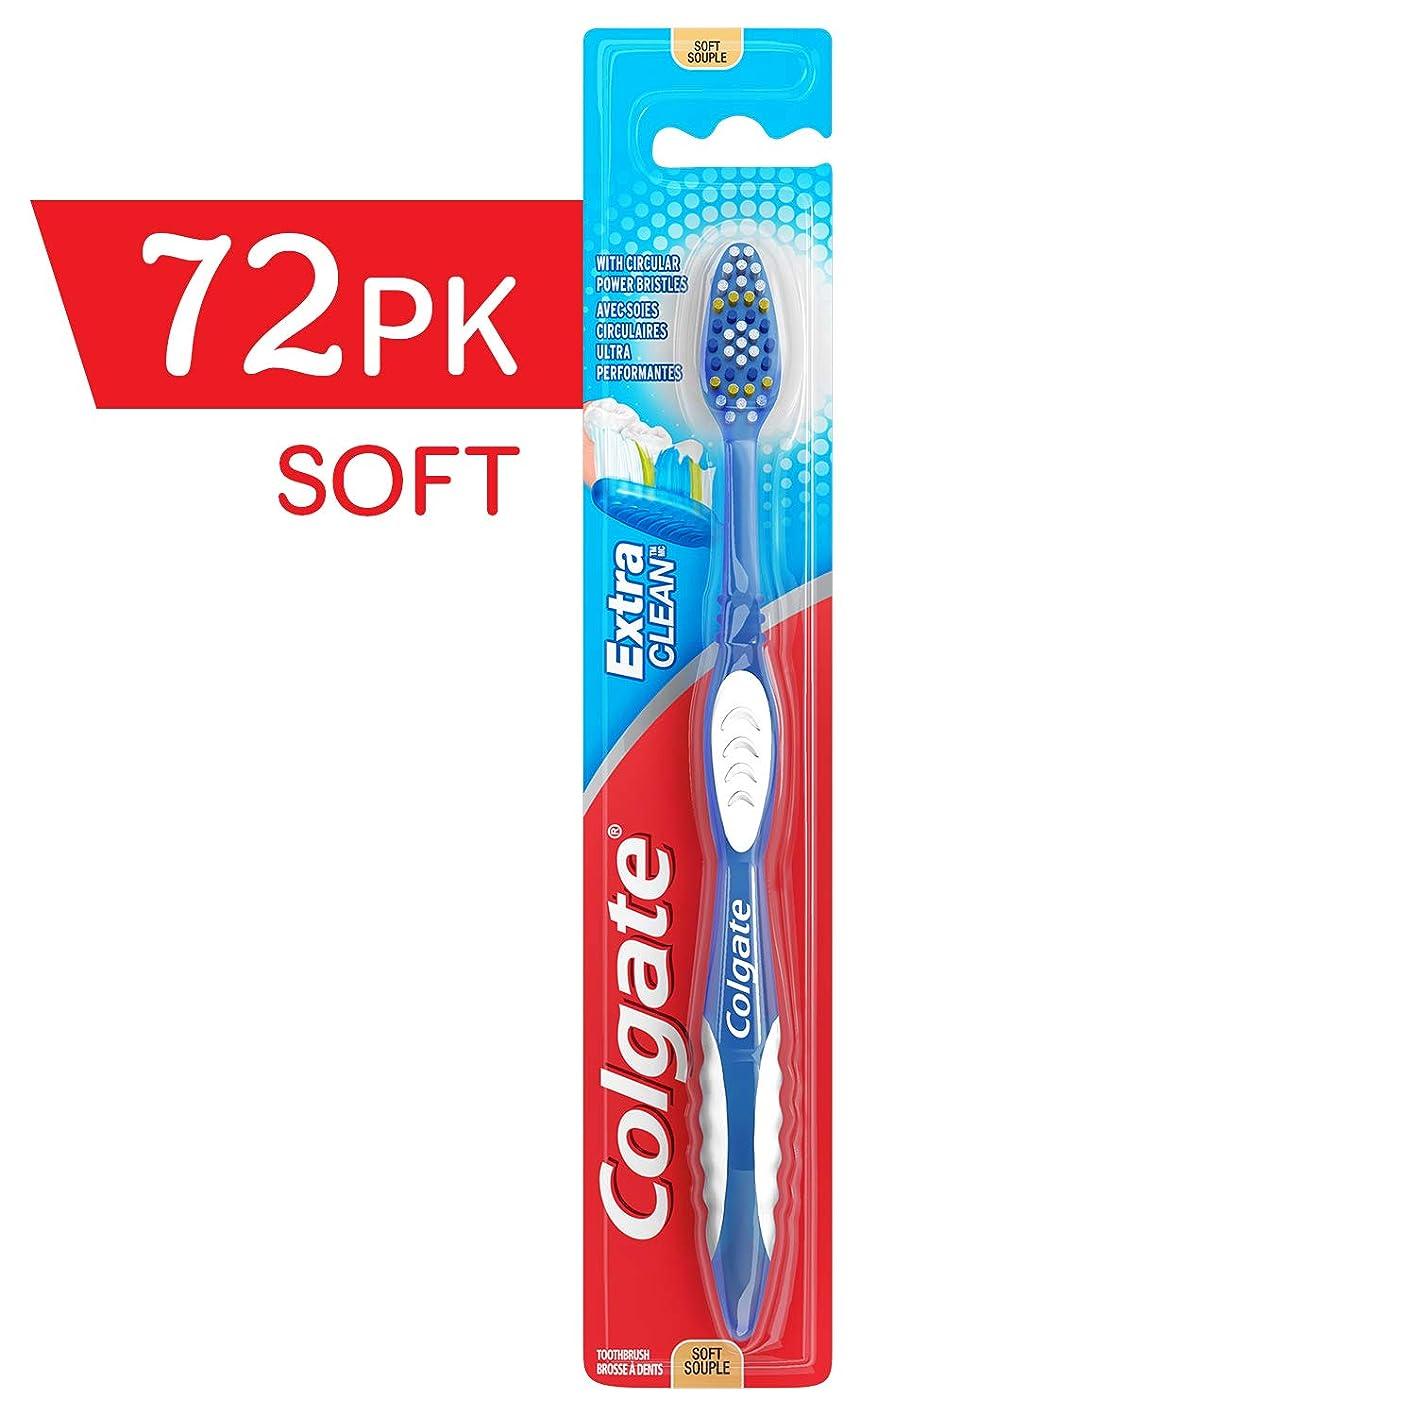 呼び起こす噂民主主義Colgate エクストラクリーン歯ブラシソフト、柔らかい歯ブラシ、バルク歯ブラシ、旅行歯ブラシ、(72の場合)(モデル番号:155676)